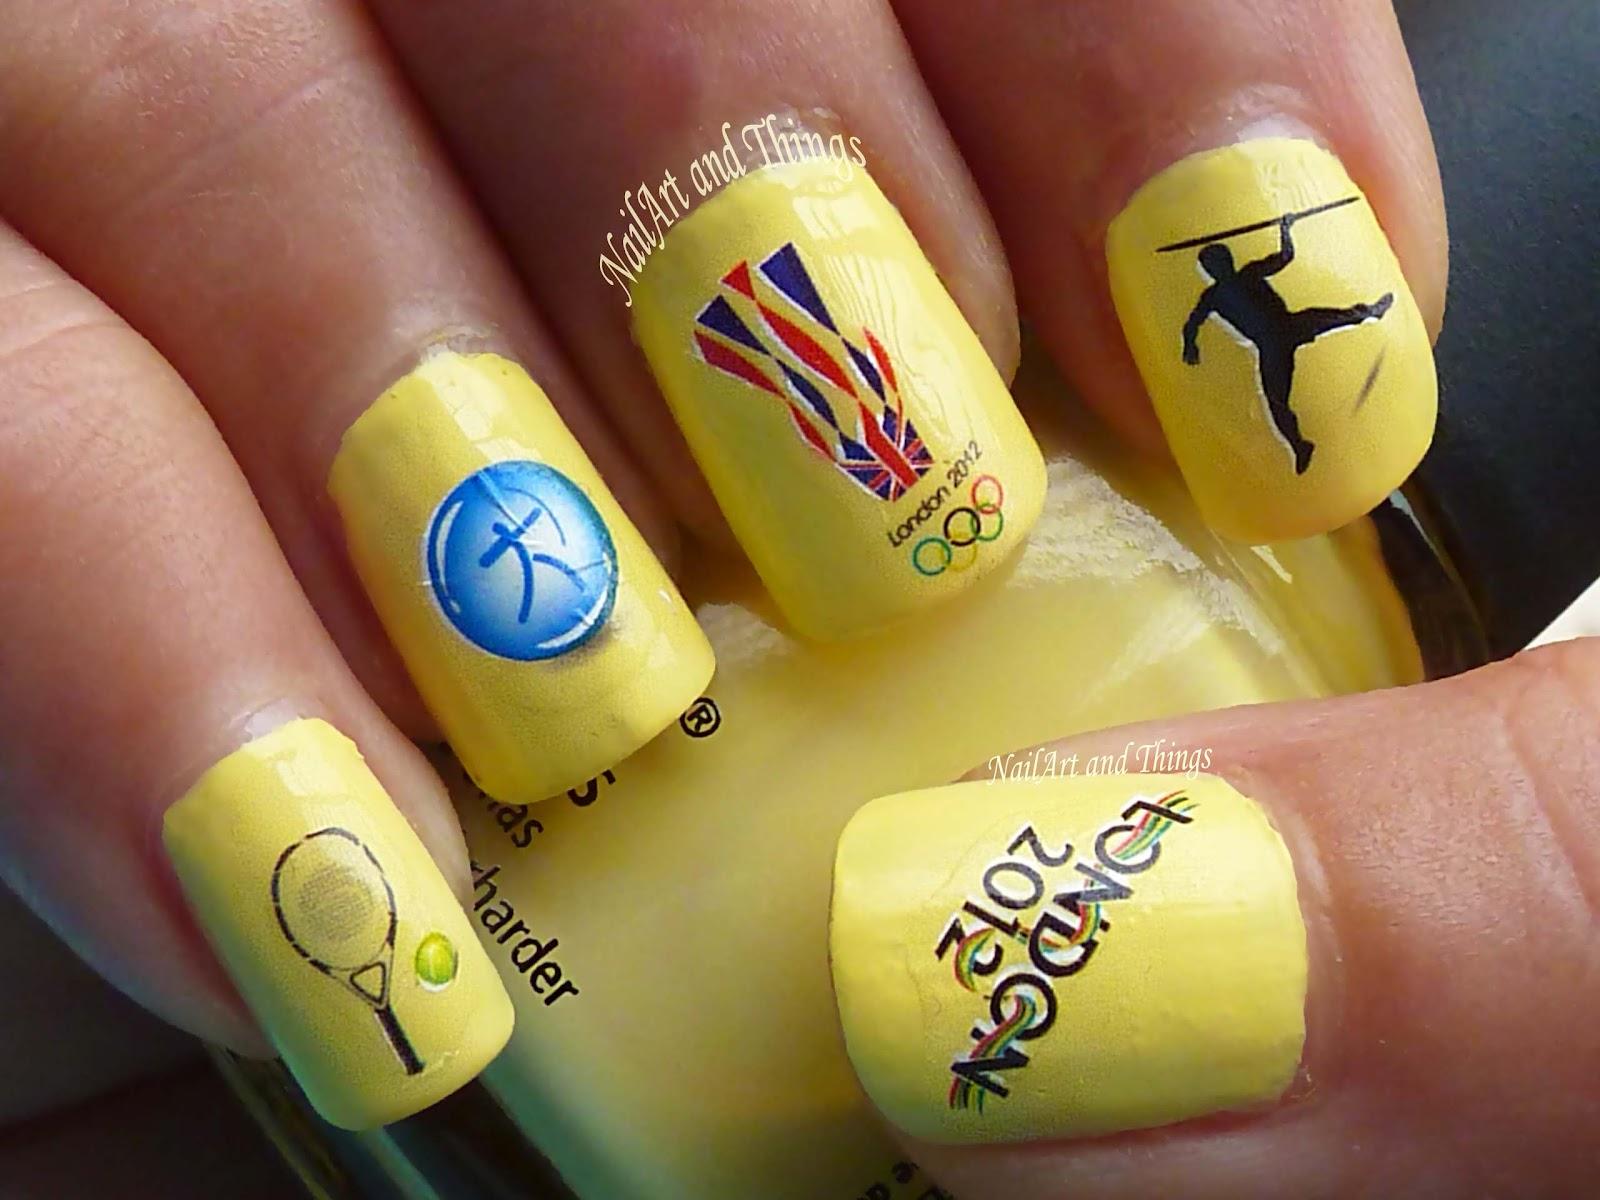 Nailart And Things Olympics Nail Art China Glaze Lemon Fizz